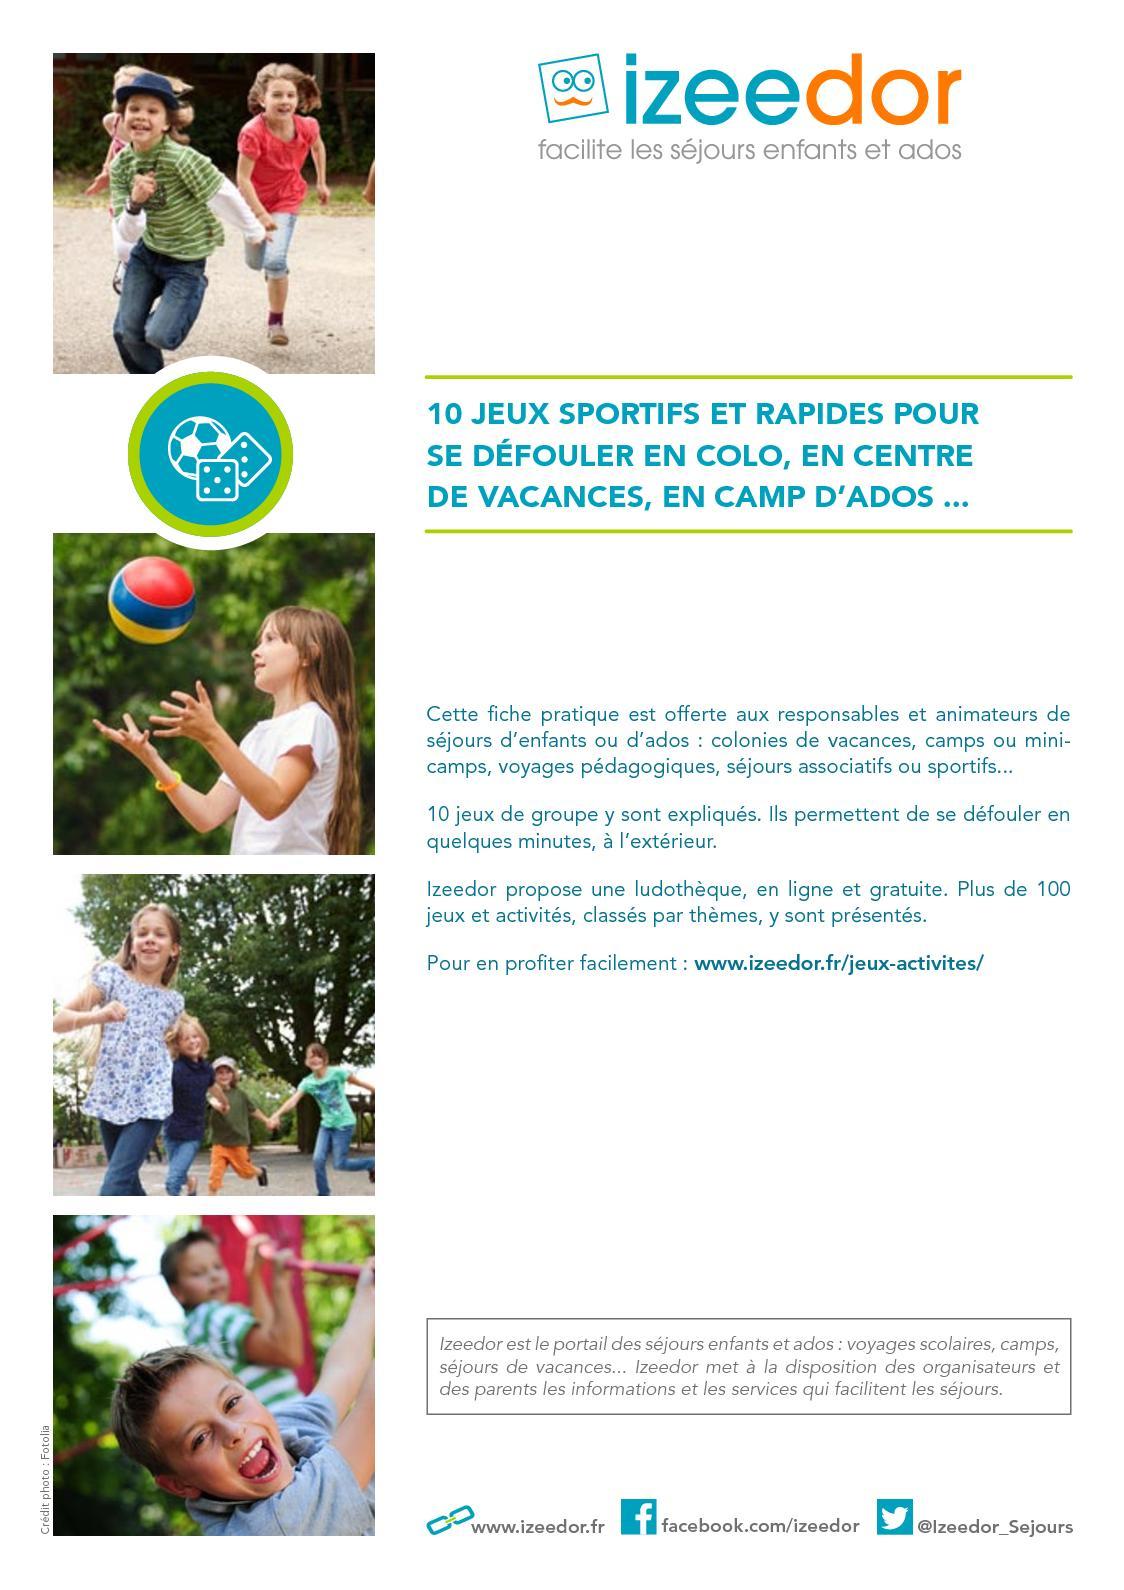 Calaméo - Jeux Pour Se Défouler Avec Des Enfants Ou Ados dedans Jeux Pédagogiques En Ligne